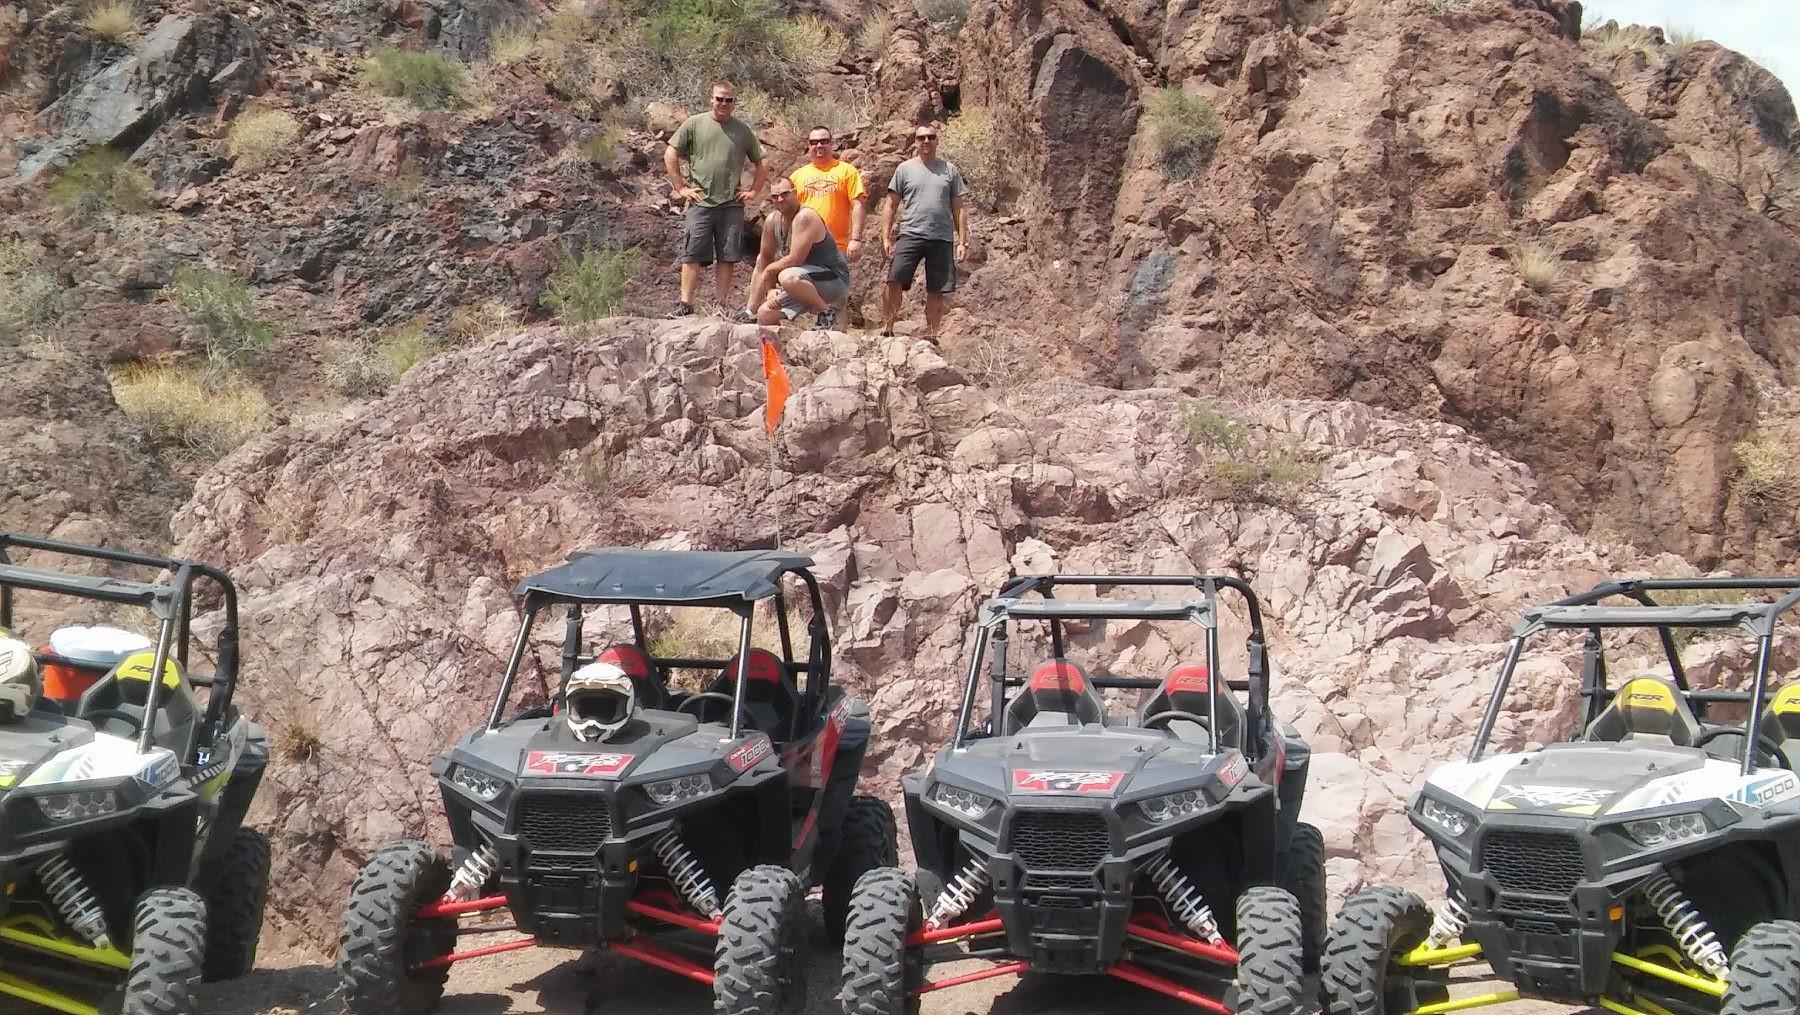 Razor desert tours